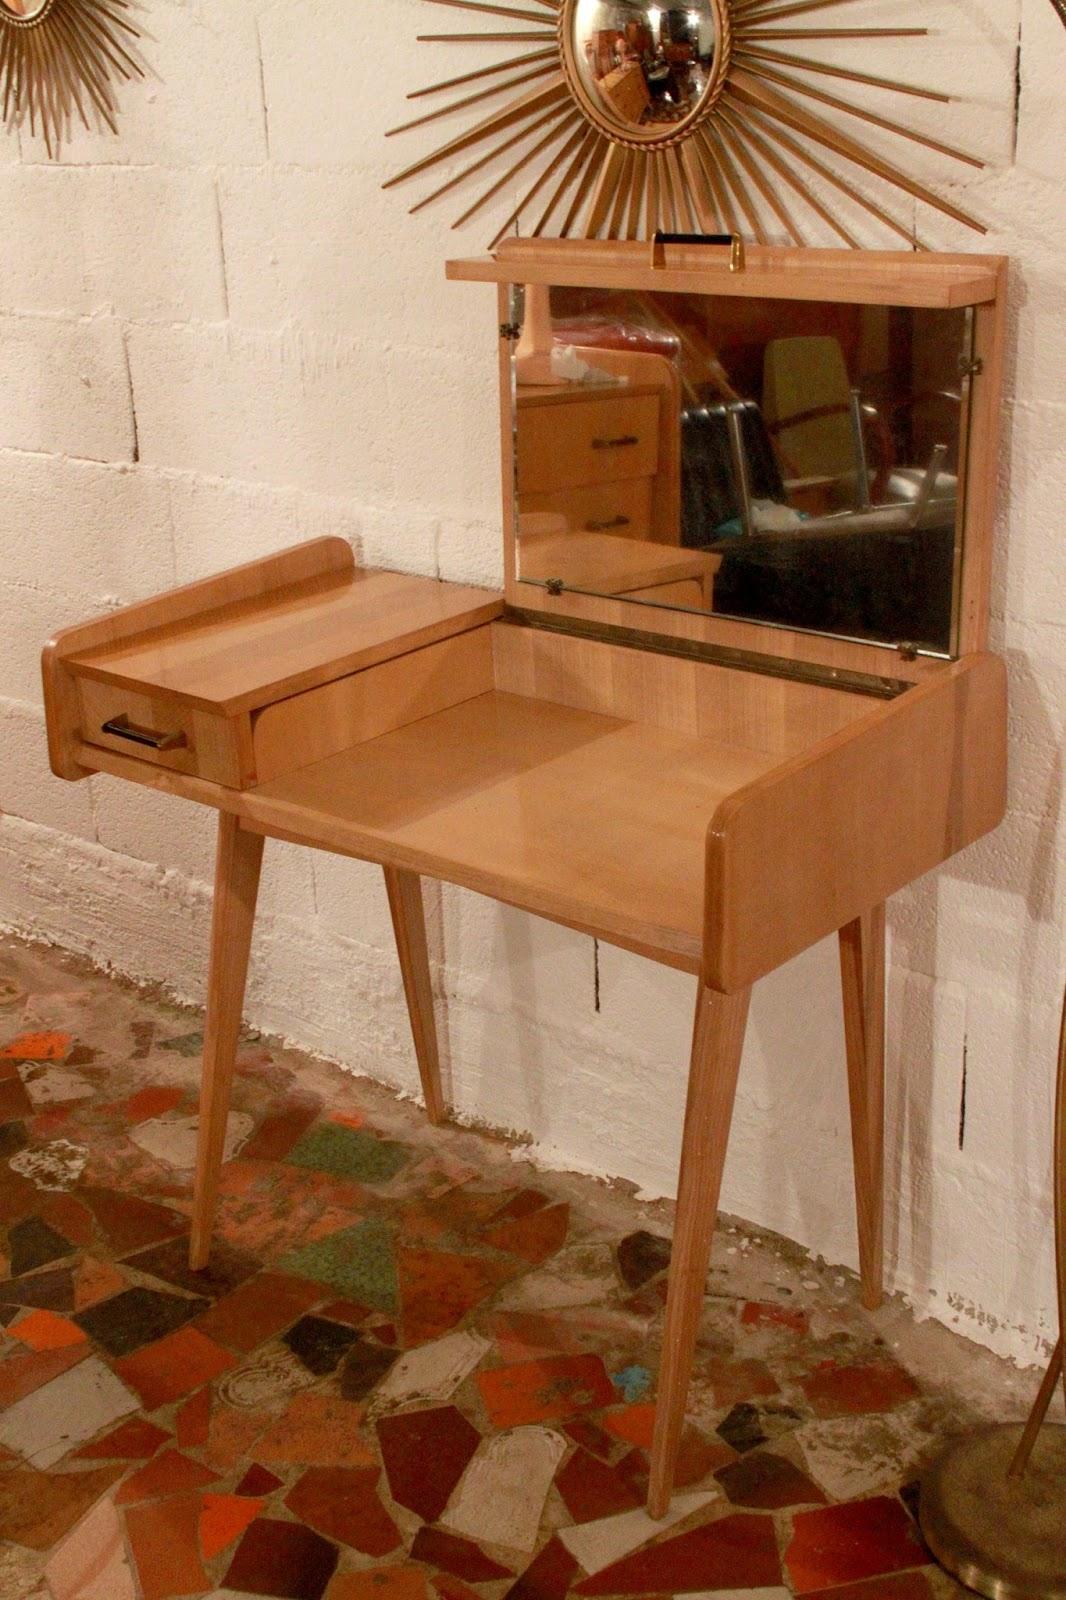 chicbaazar objets vintage 50 60 70 coiffeuse ann e 50 bois blond vintage. Black Bedroom Furniture Sets. Home Design Ideas